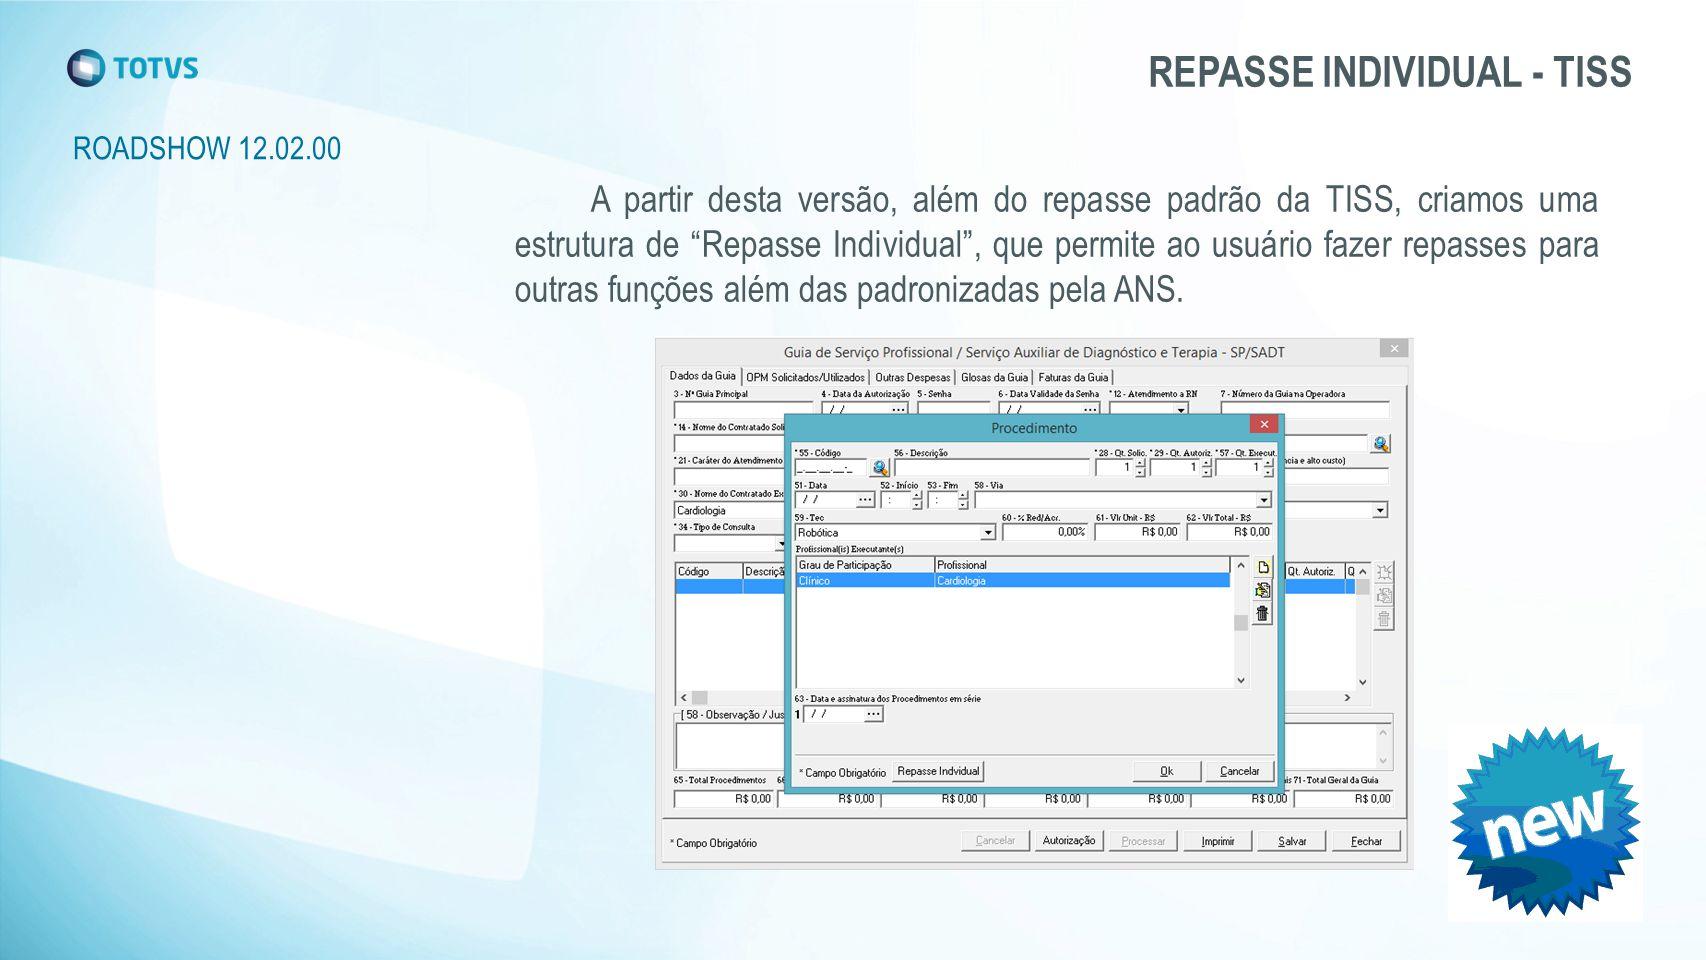 ROADSHOW 12.02.00 A partir desta versão, além do repasse padrão da TISS, criamos uma estrutura de Repasse Individual , que permite ao usuário fazer repasses para outras funções além das padronizadas pela ANS.